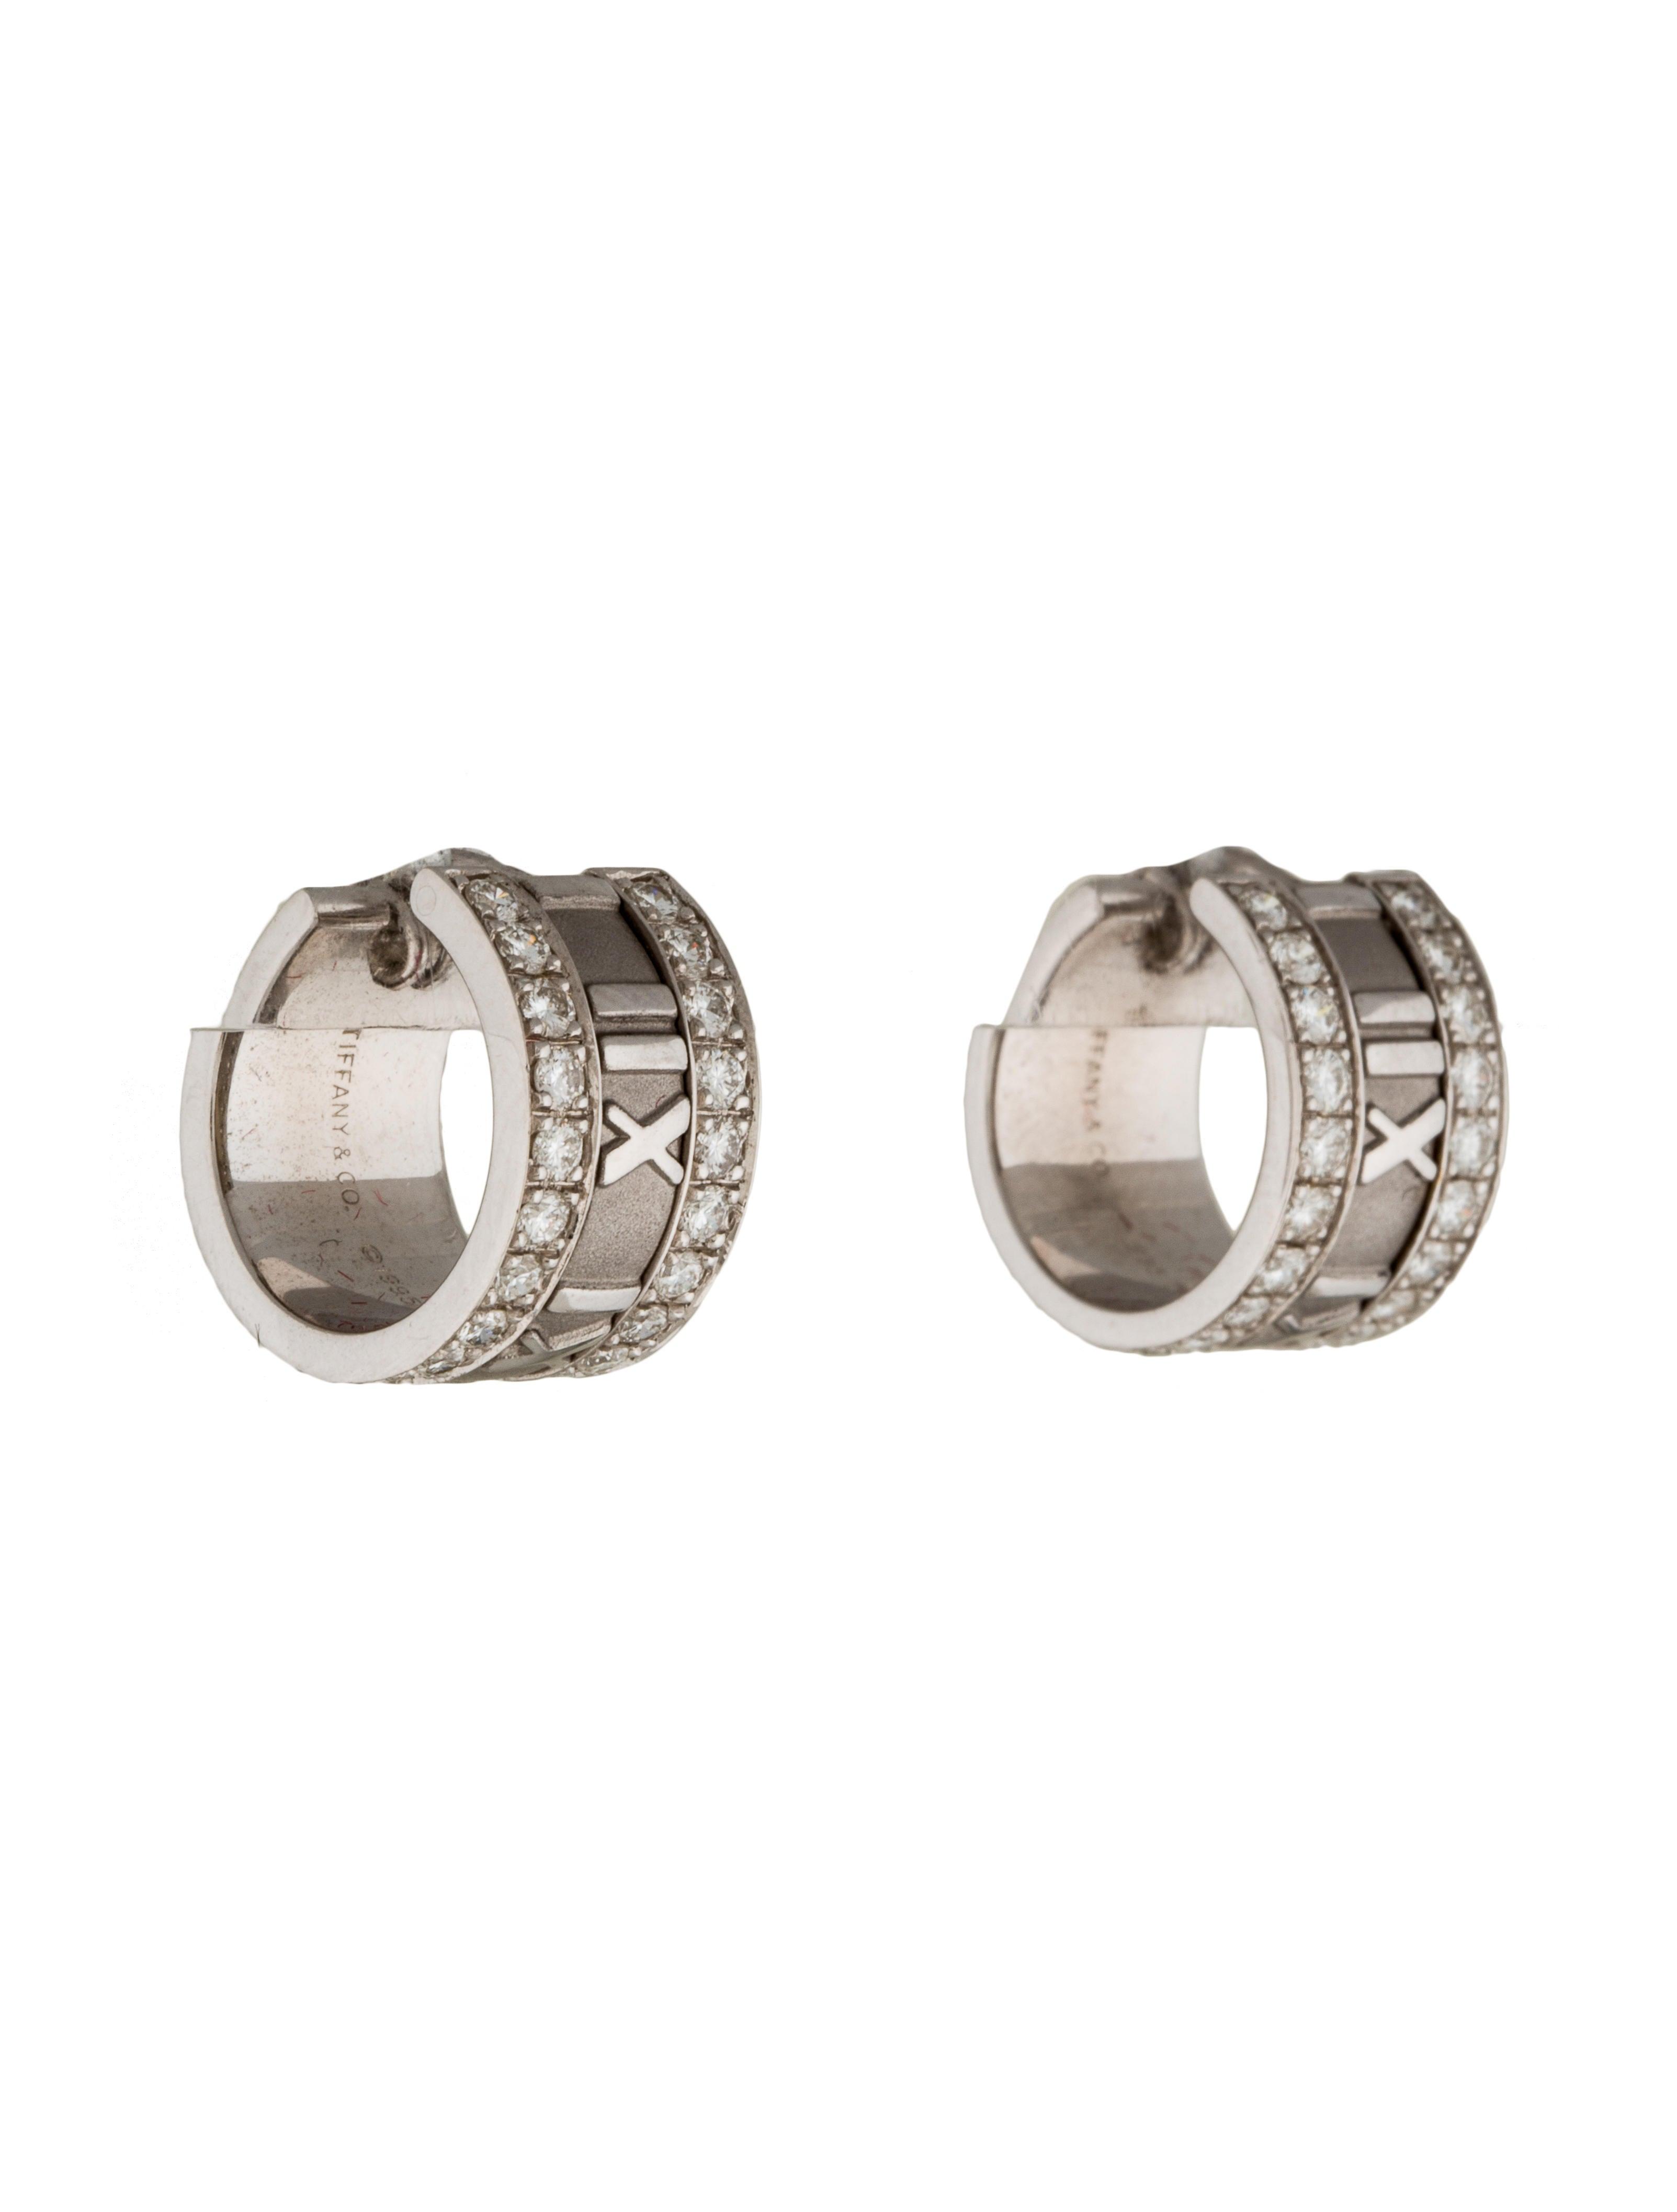 Tiffany & Co 18K Diamond Atlas Hoop Earrings Earrings